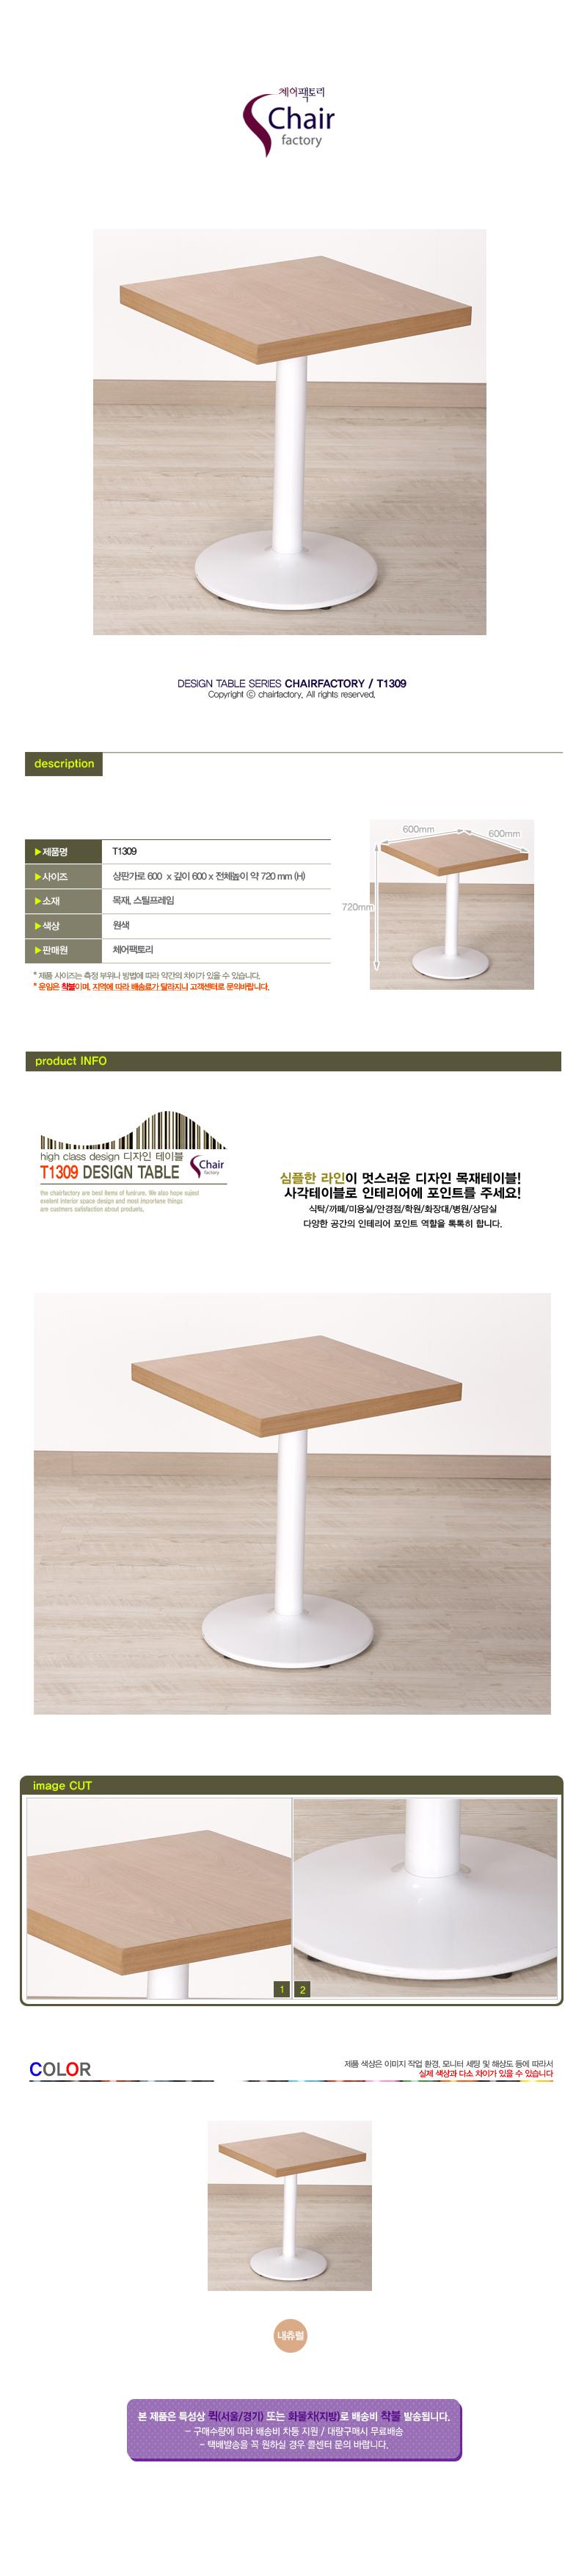 T1309 디자인테이블-목재테이블-사이드테이블-바보사랑